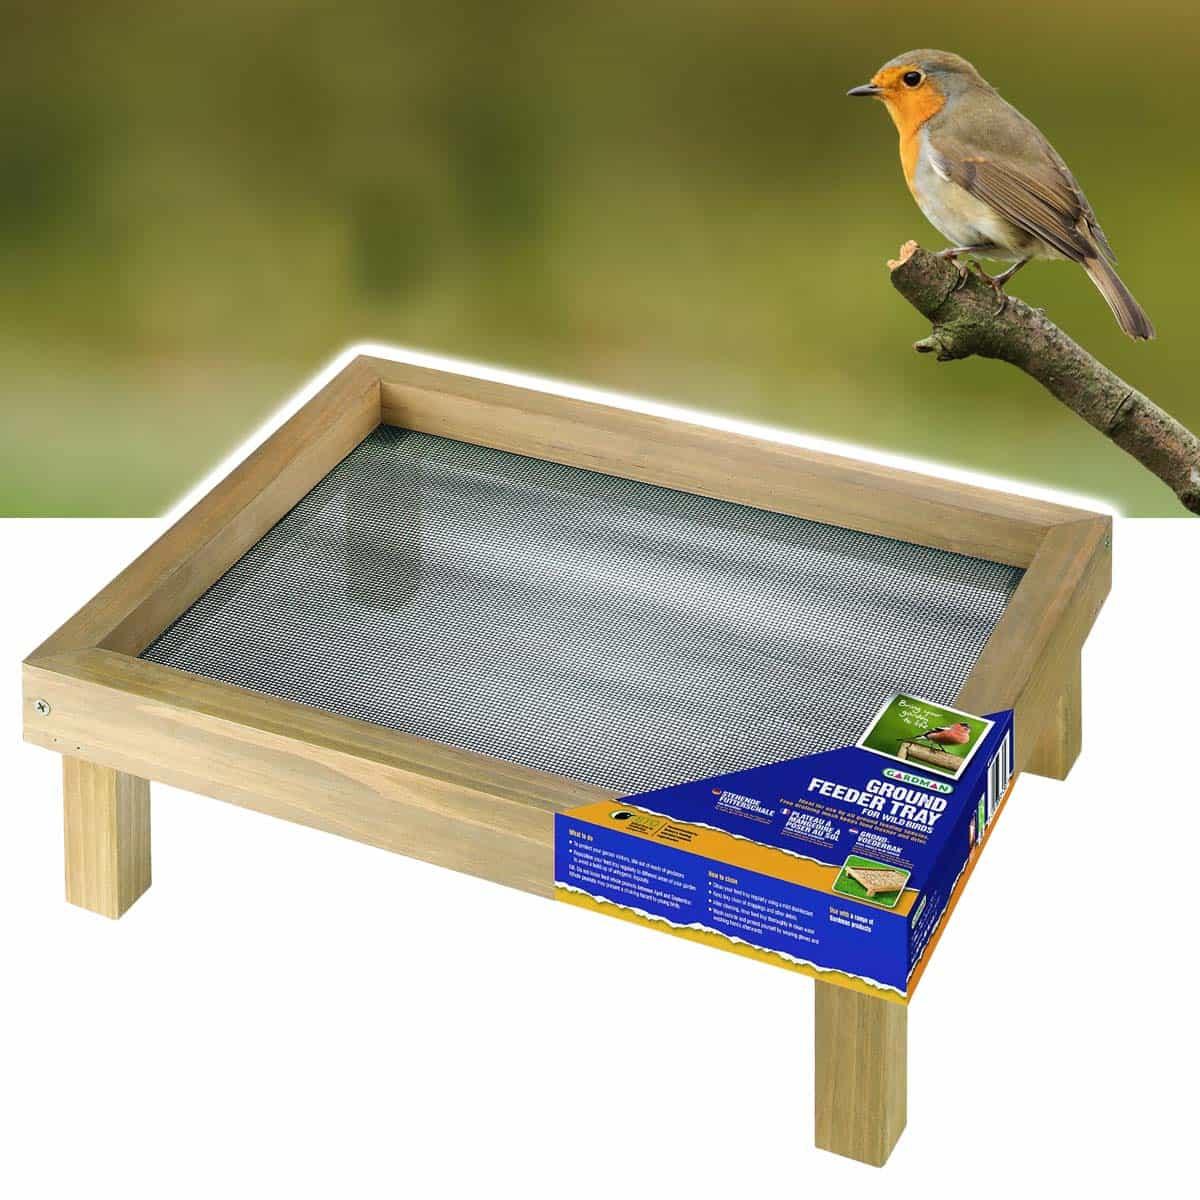 Mangeoire de sol en bois pour h rissons et oiseaux for Plan de mangeoire pour oiseaux du jardin